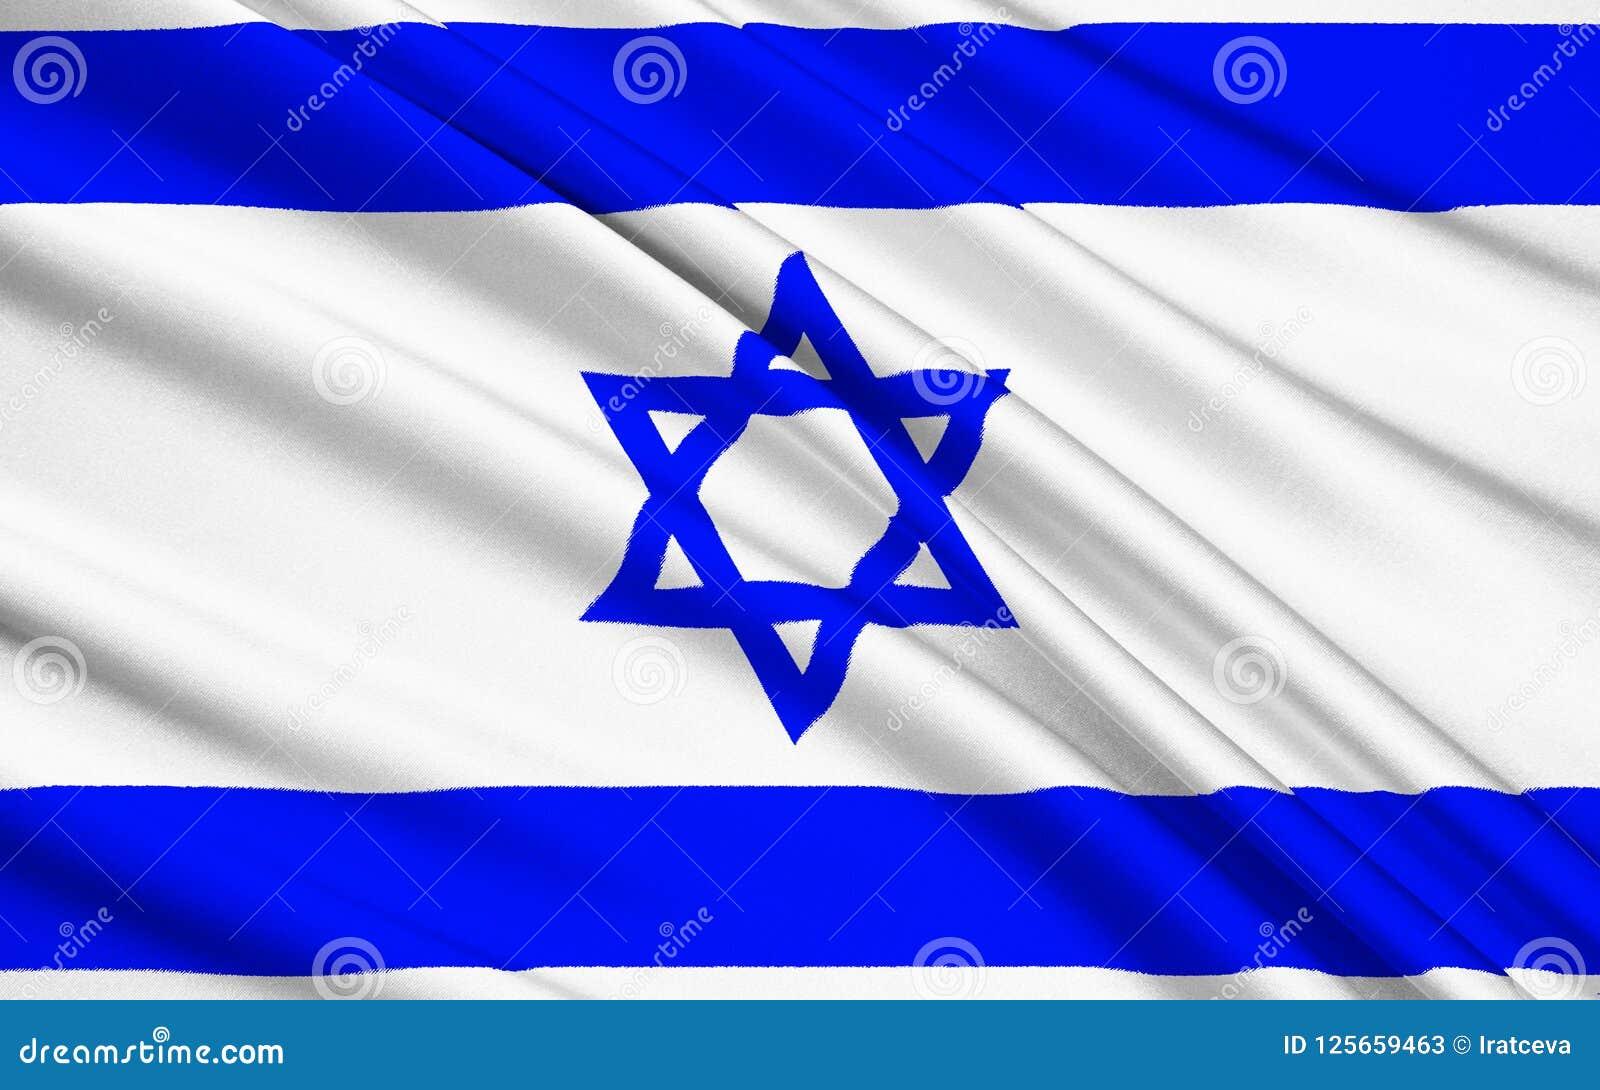 Flag of Israel: description of state symbols